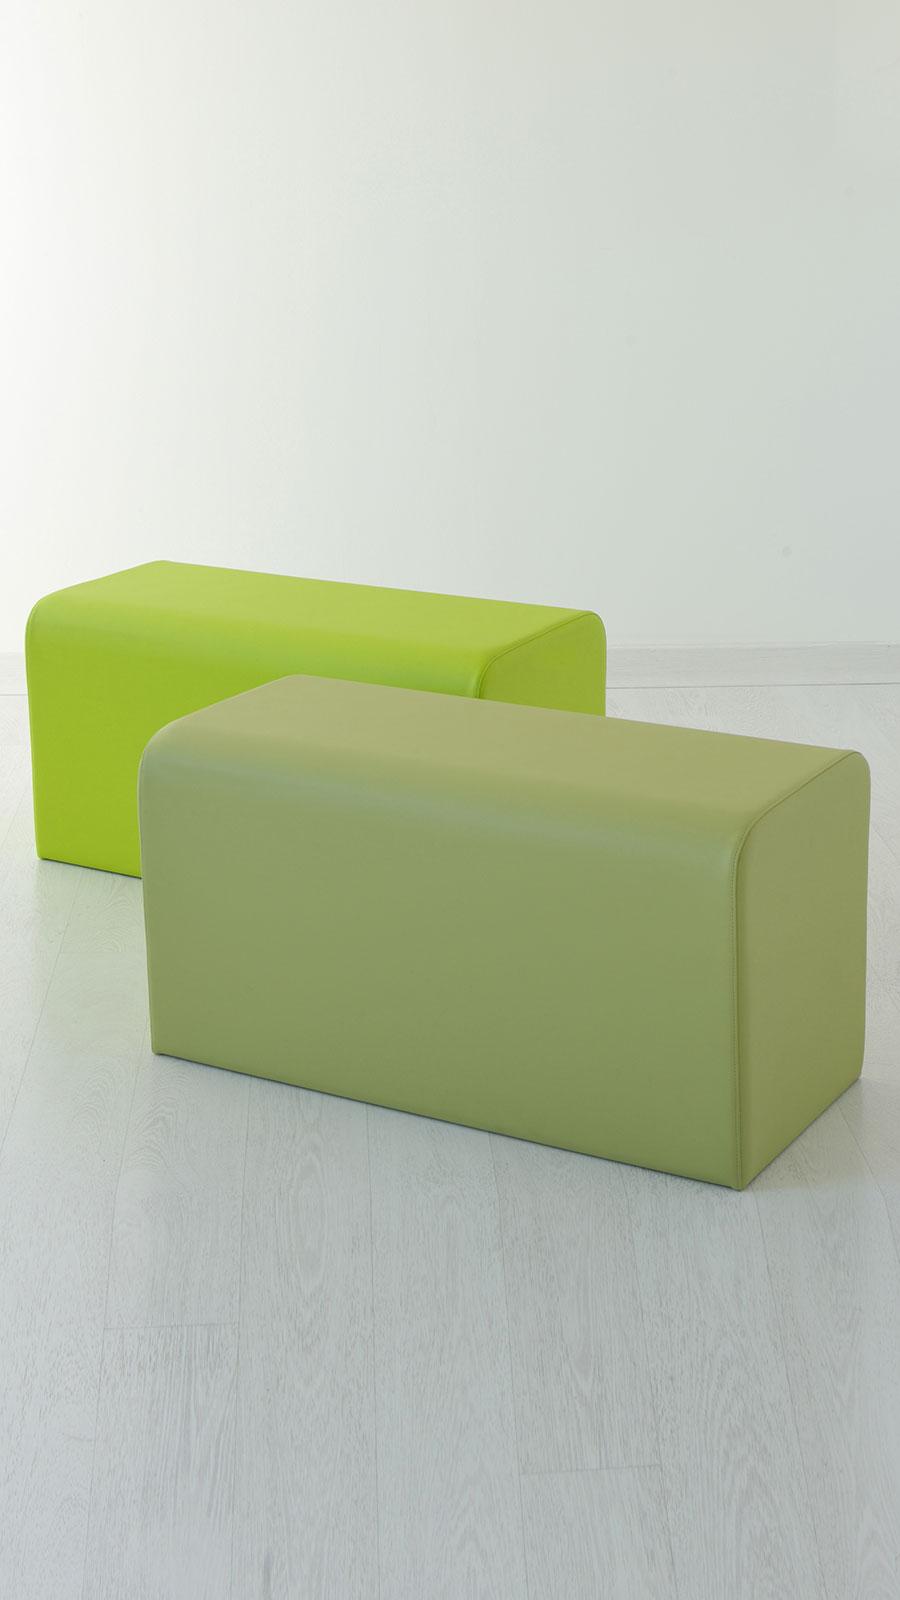 Pouf rettangolare 90 x 45 - Italy Dream Design